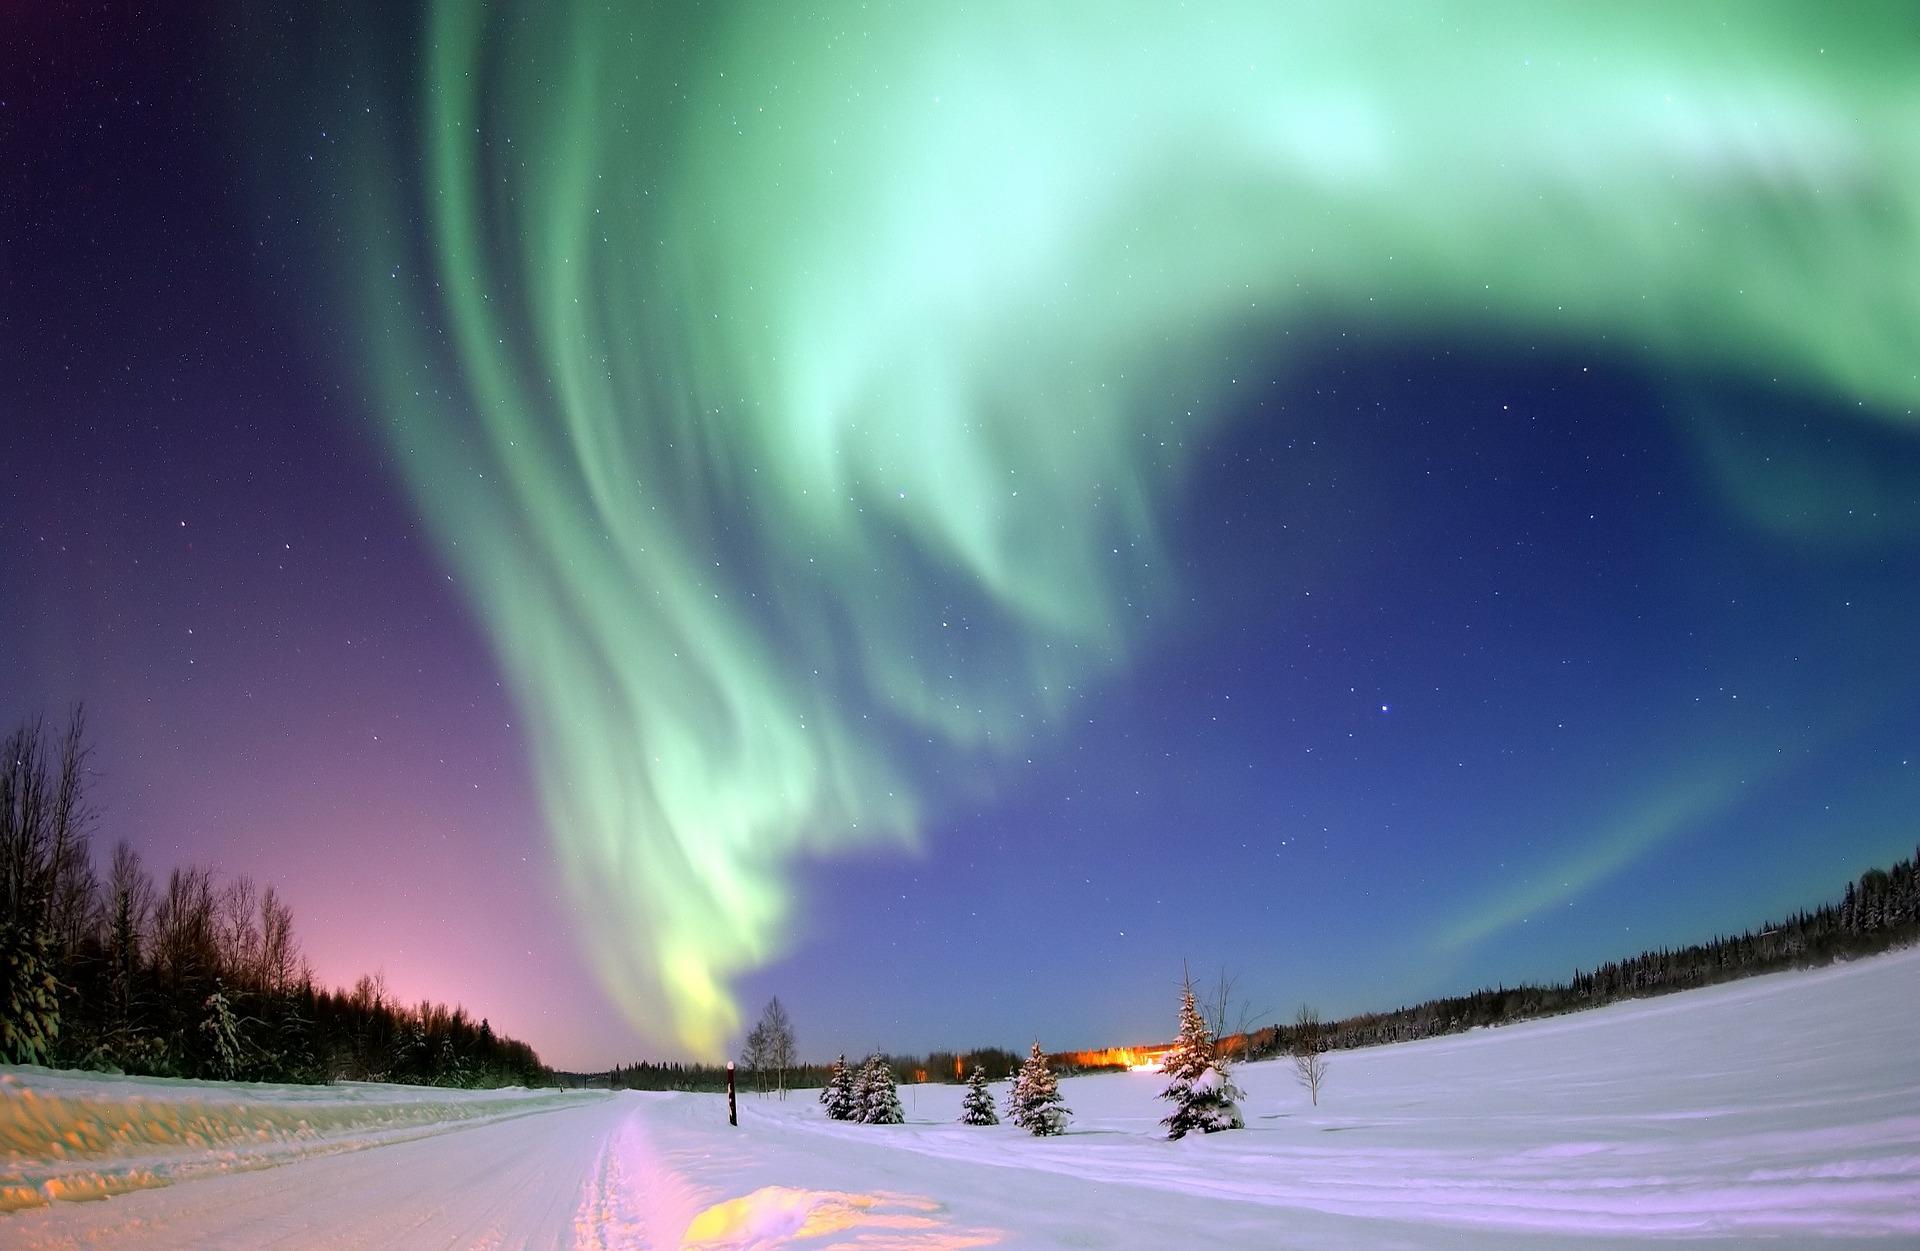 aurora-borealis-69221_1920 (1)